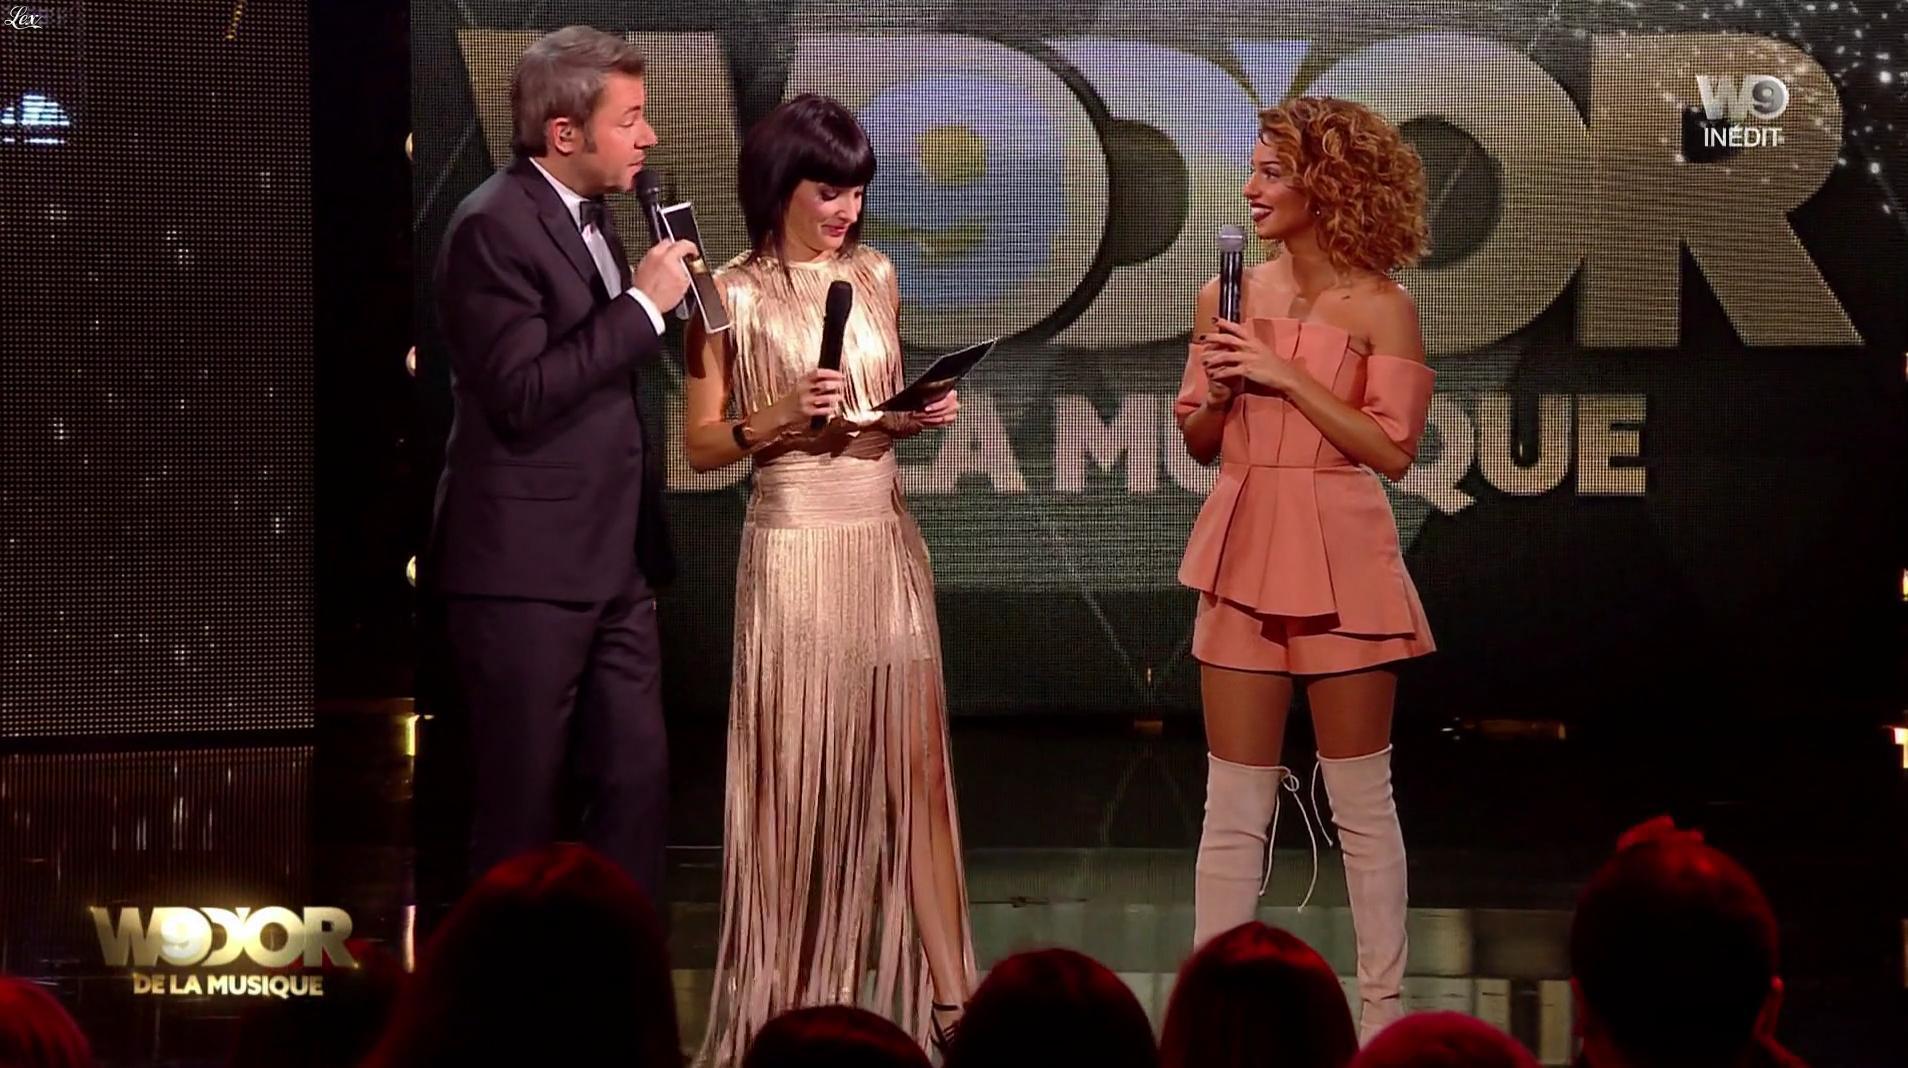 Erika Moulet et Tal lors des W9 d'Or. Diffusé à la télévision le 14/12/16.